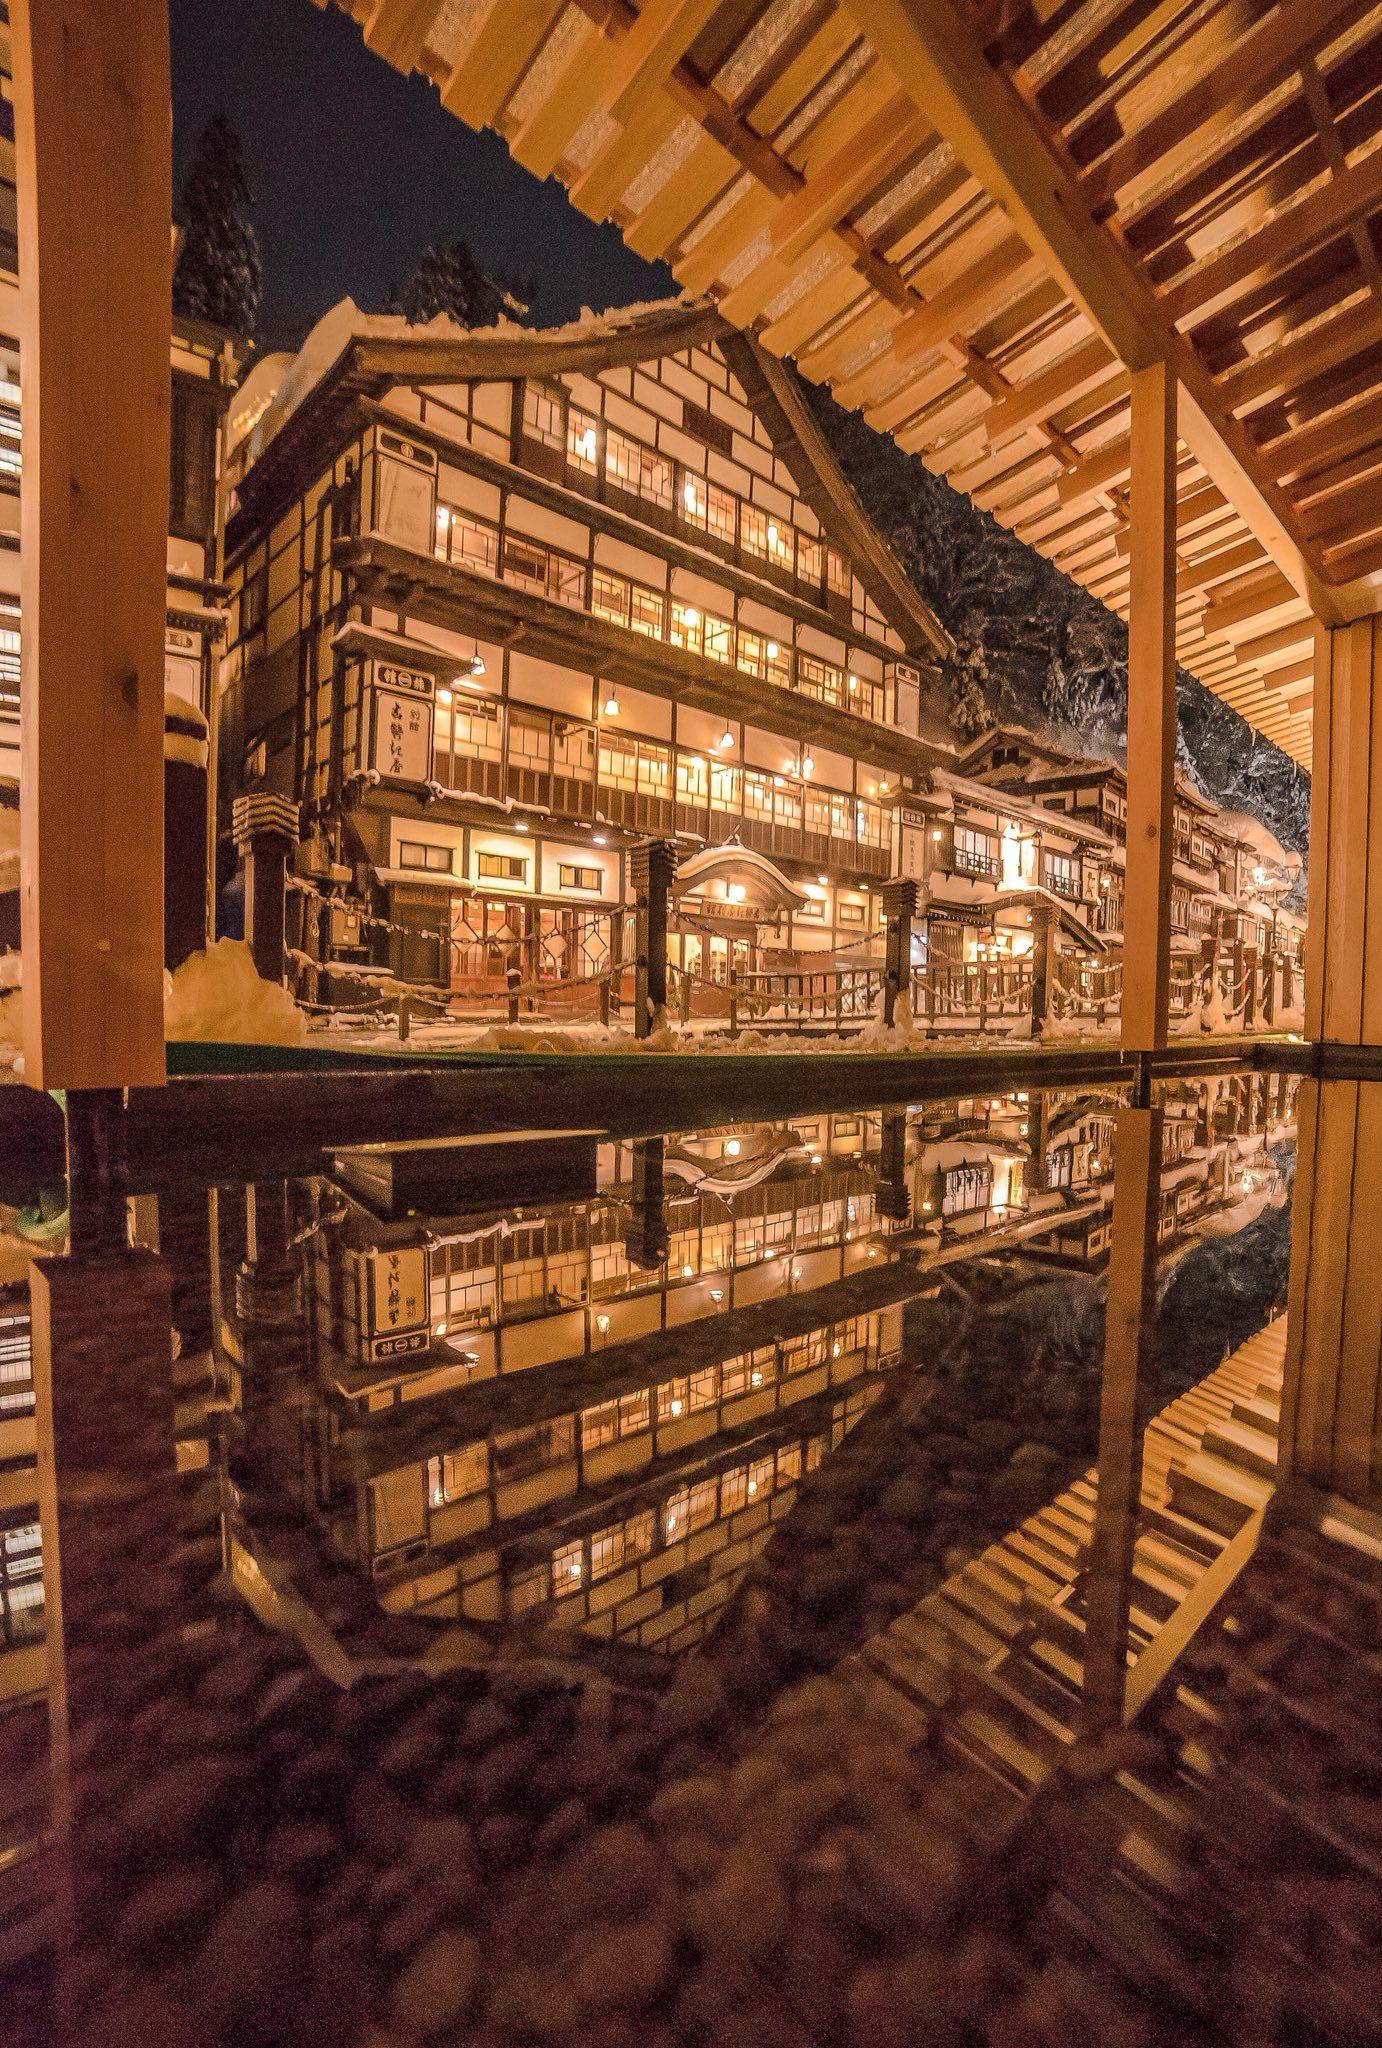 山形県 尾花沢市 銀山温泉 風景 ホテル イラスト 綺麗な景色